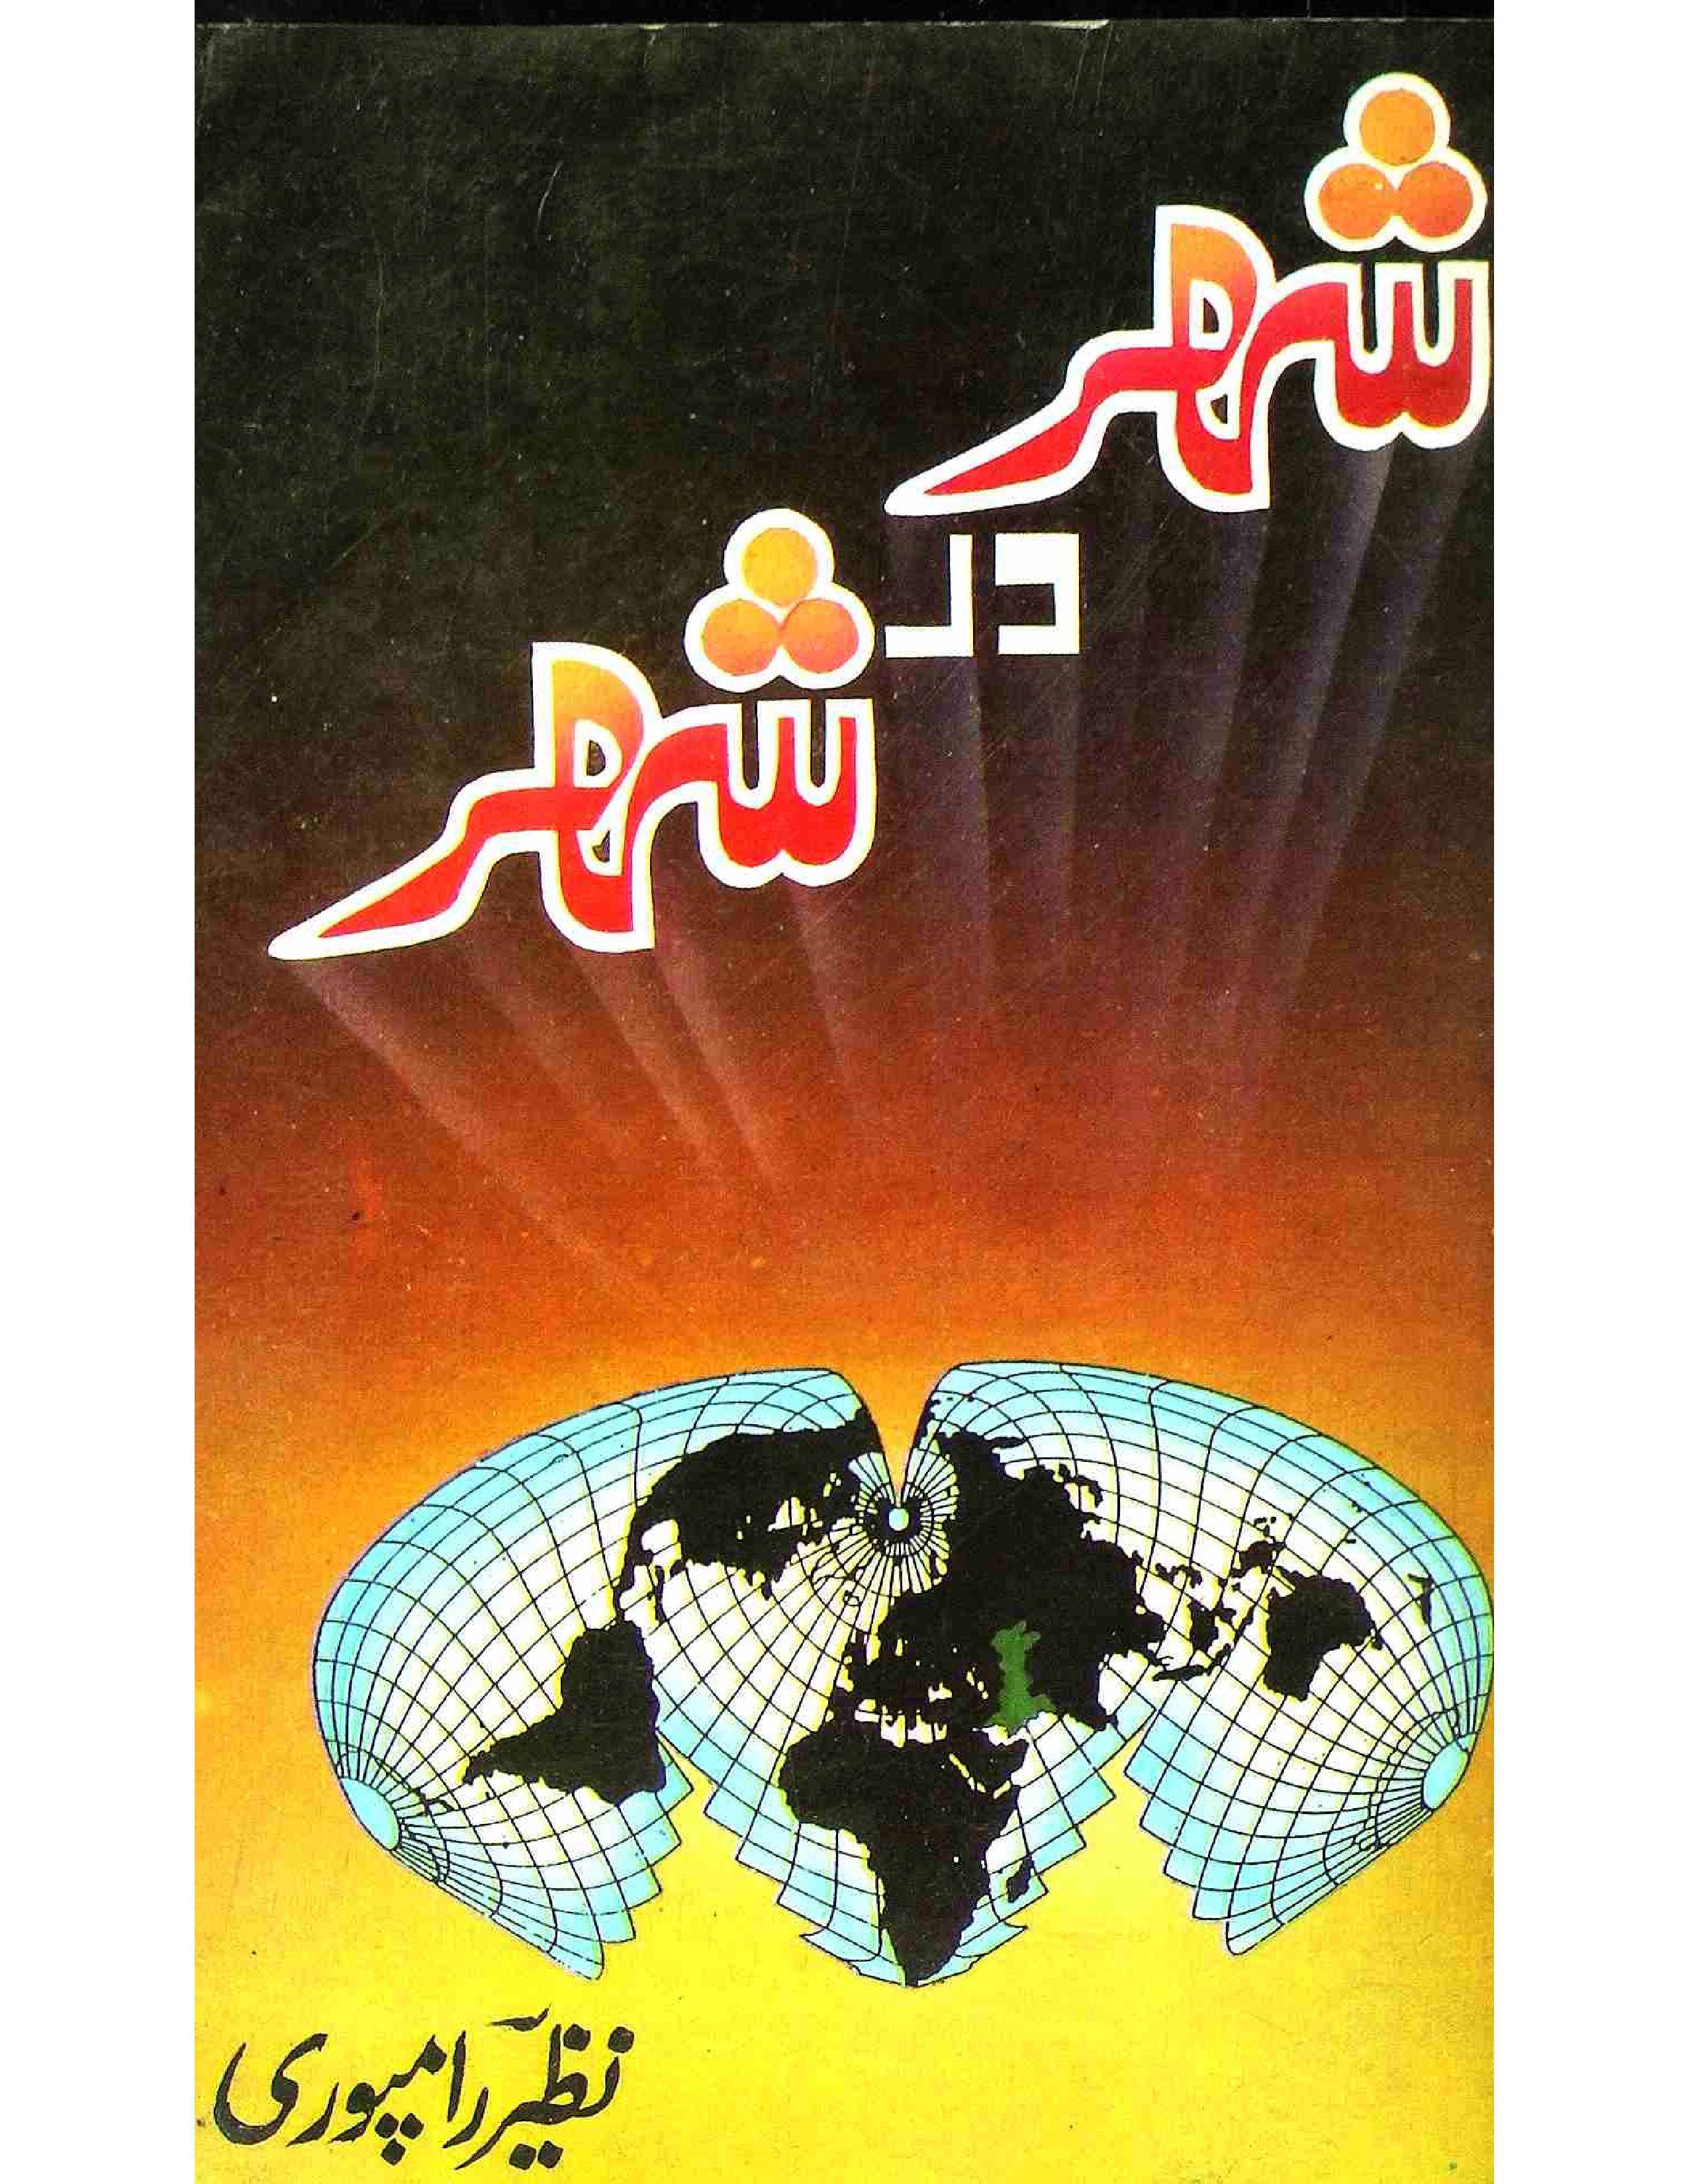 Shahr Dar Shahr